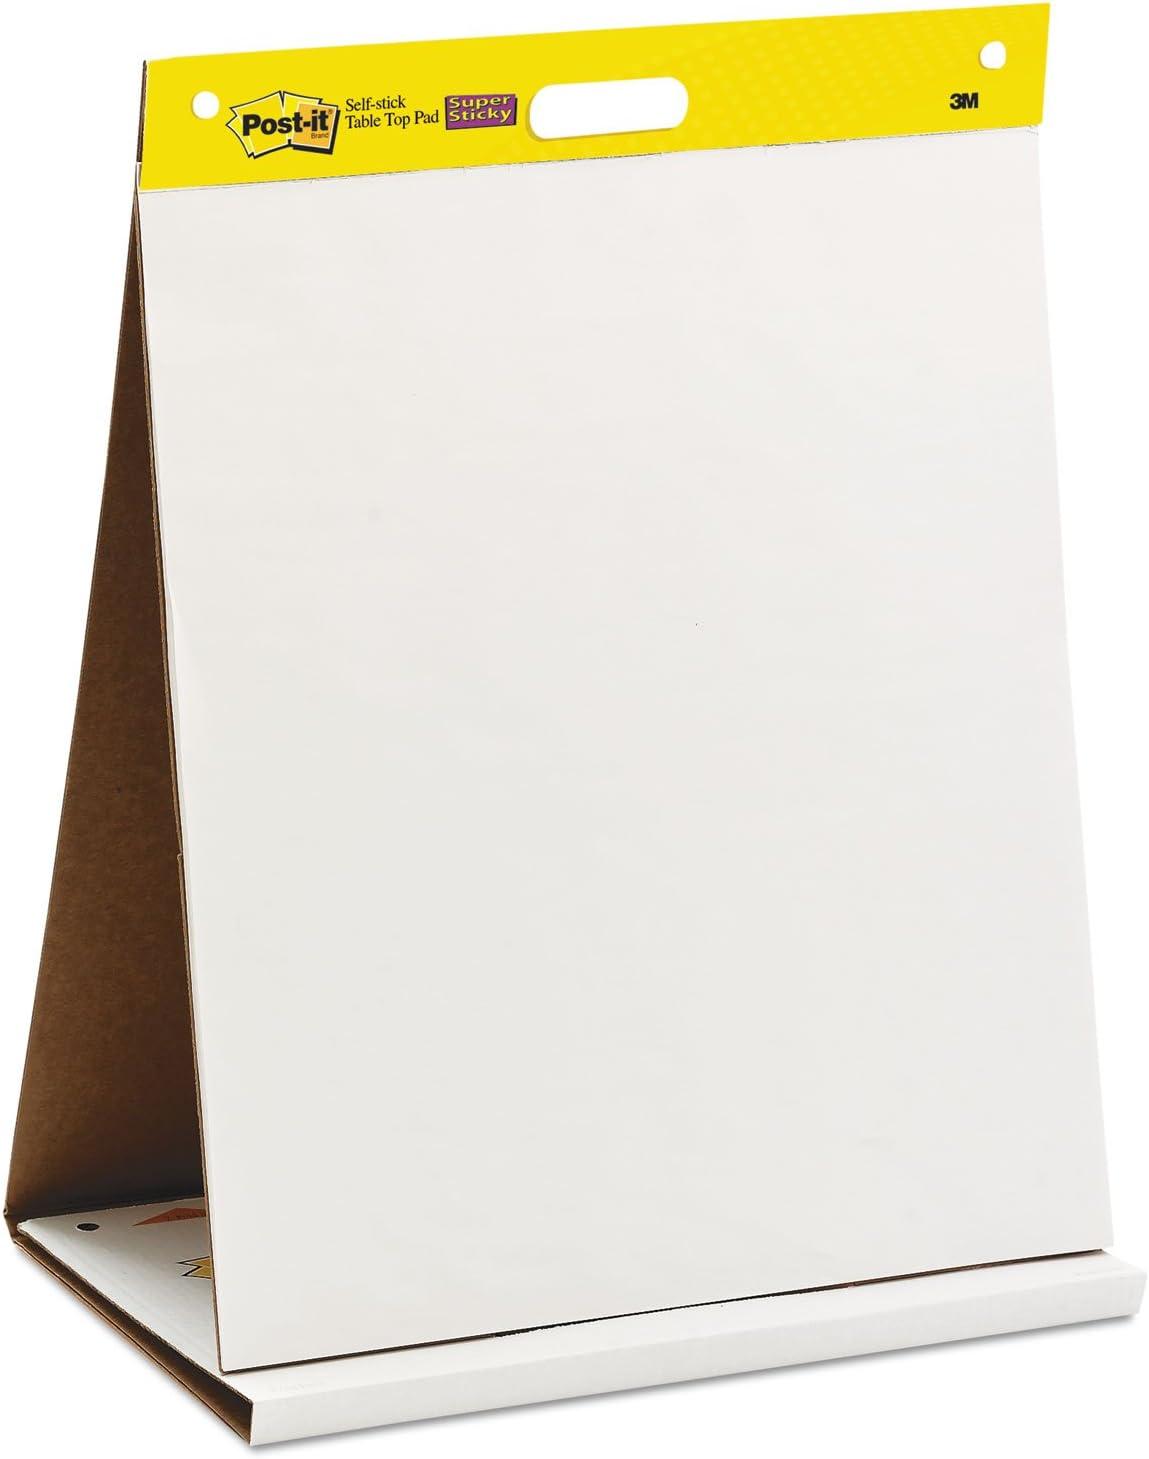 Bloc de papel reciclado para reuniones – Papel para pizarra rotafolios - Super Sticky